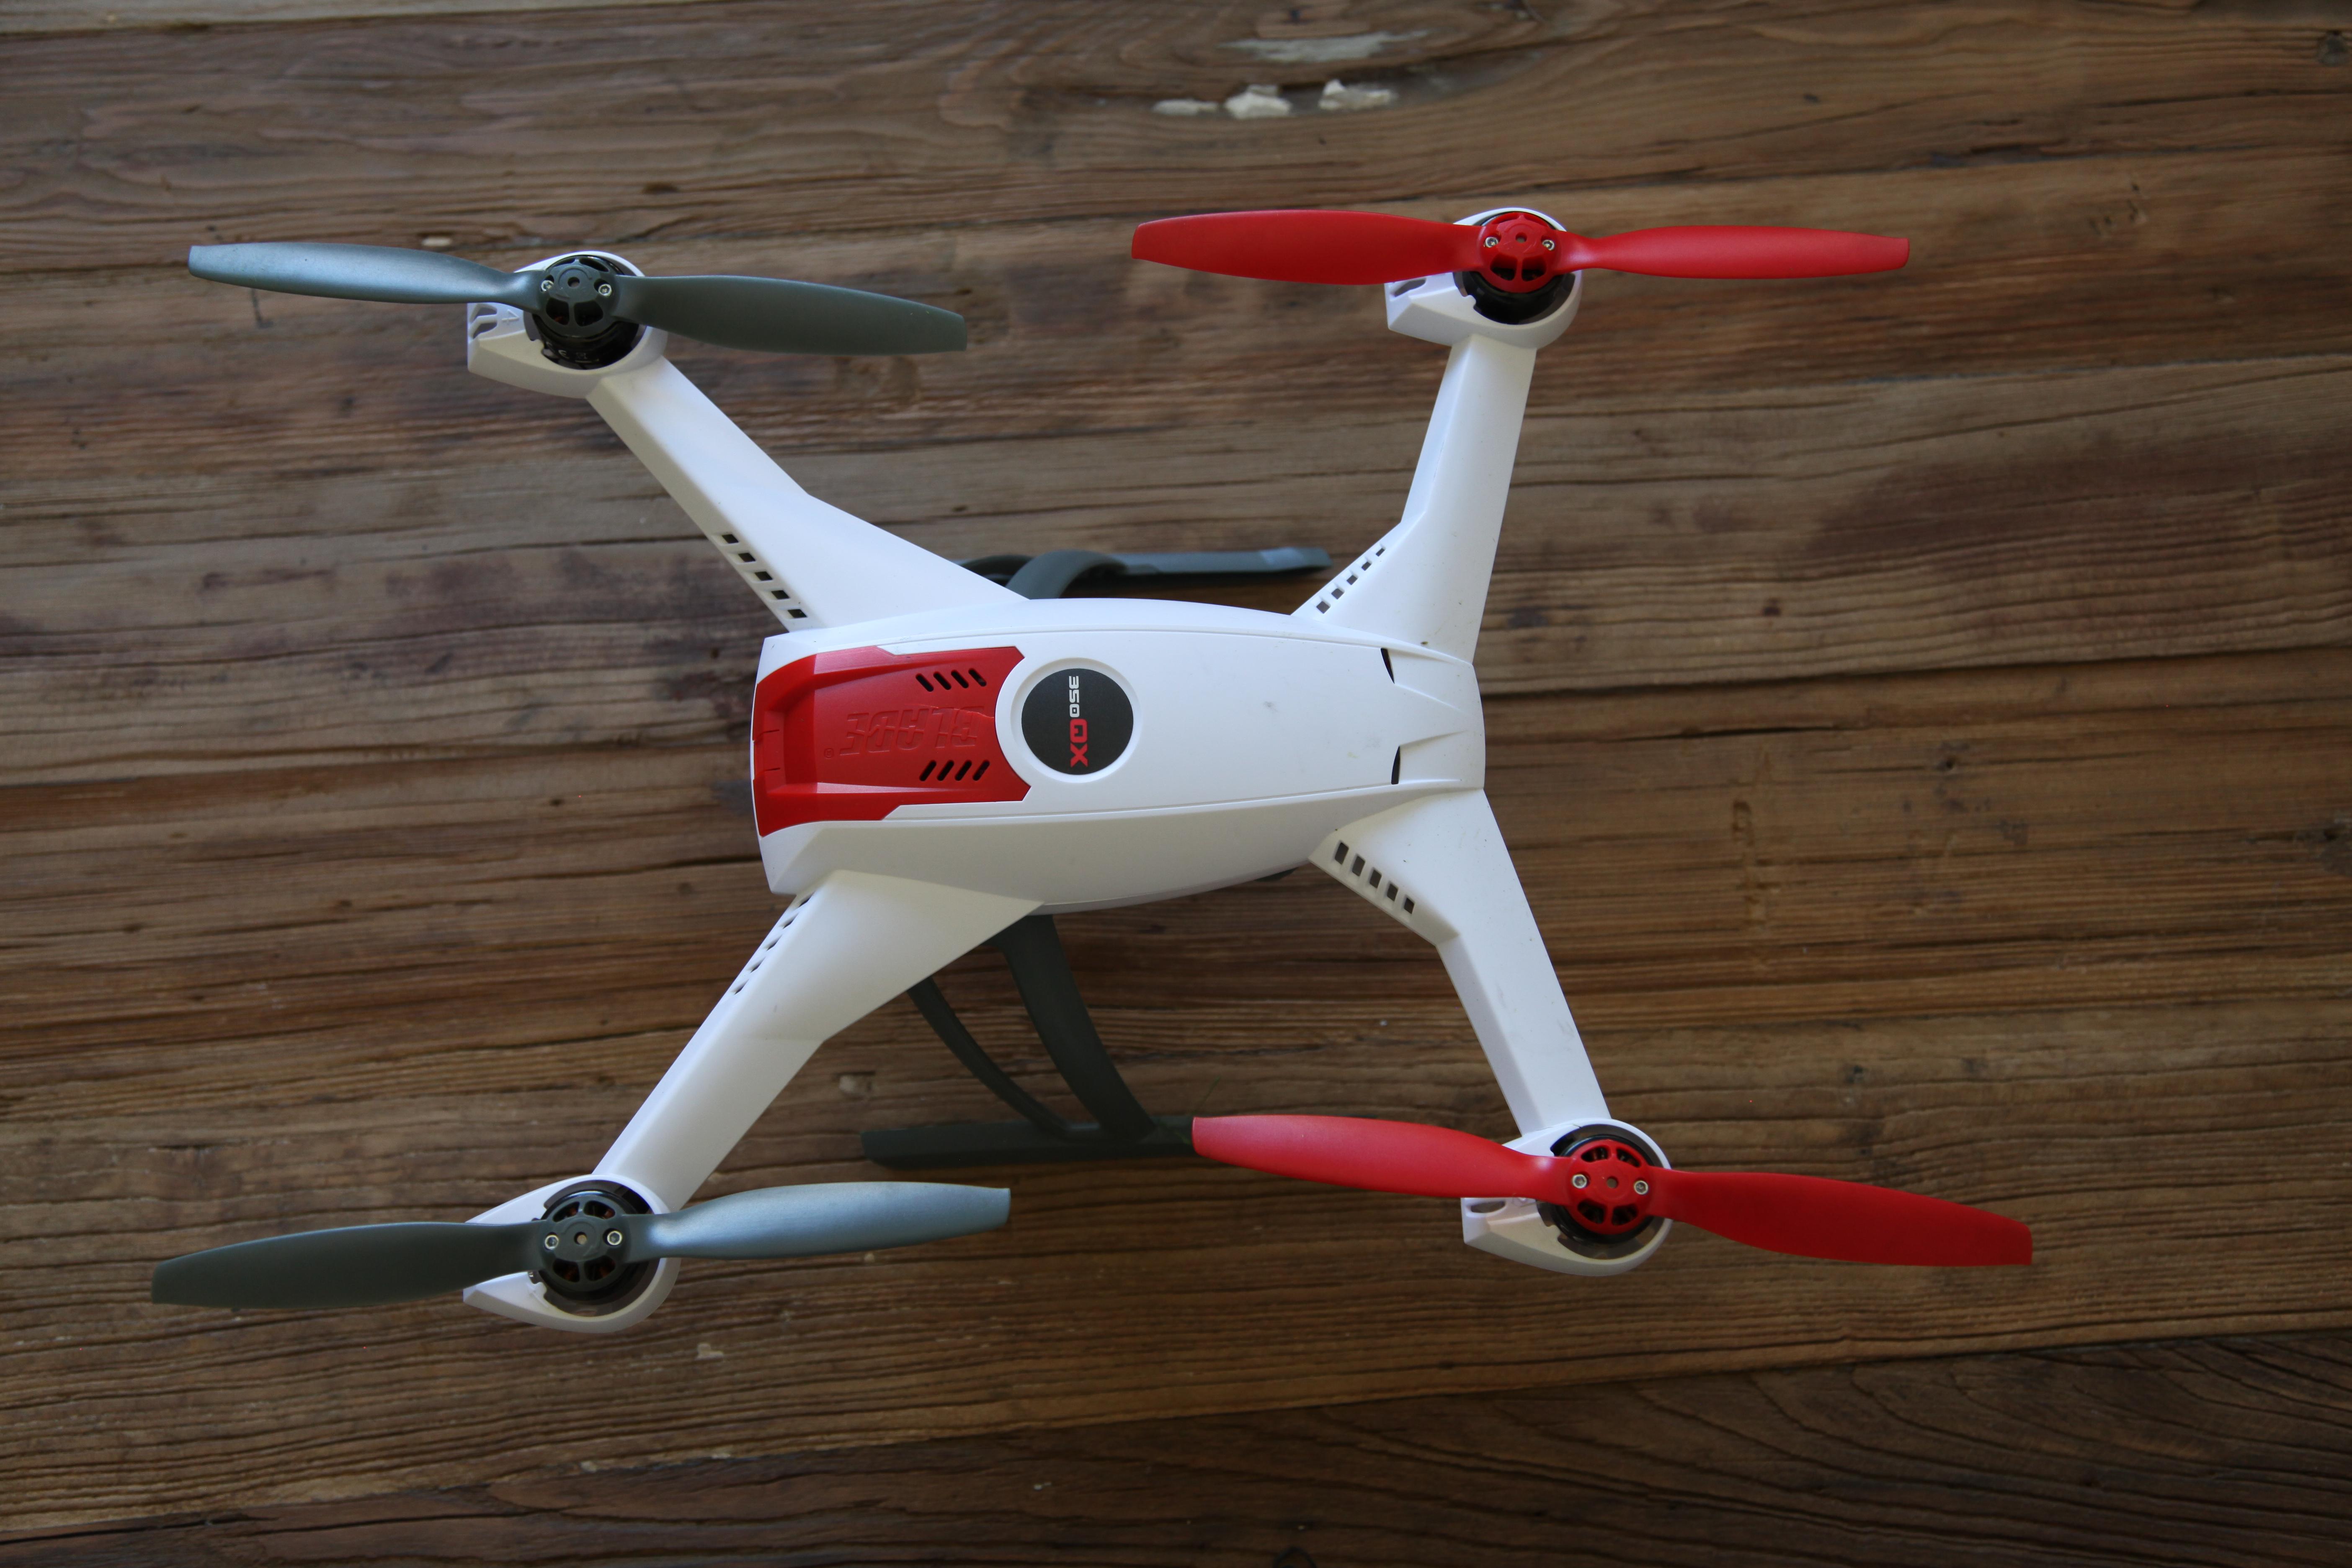 Blade 350 QX quadcopter